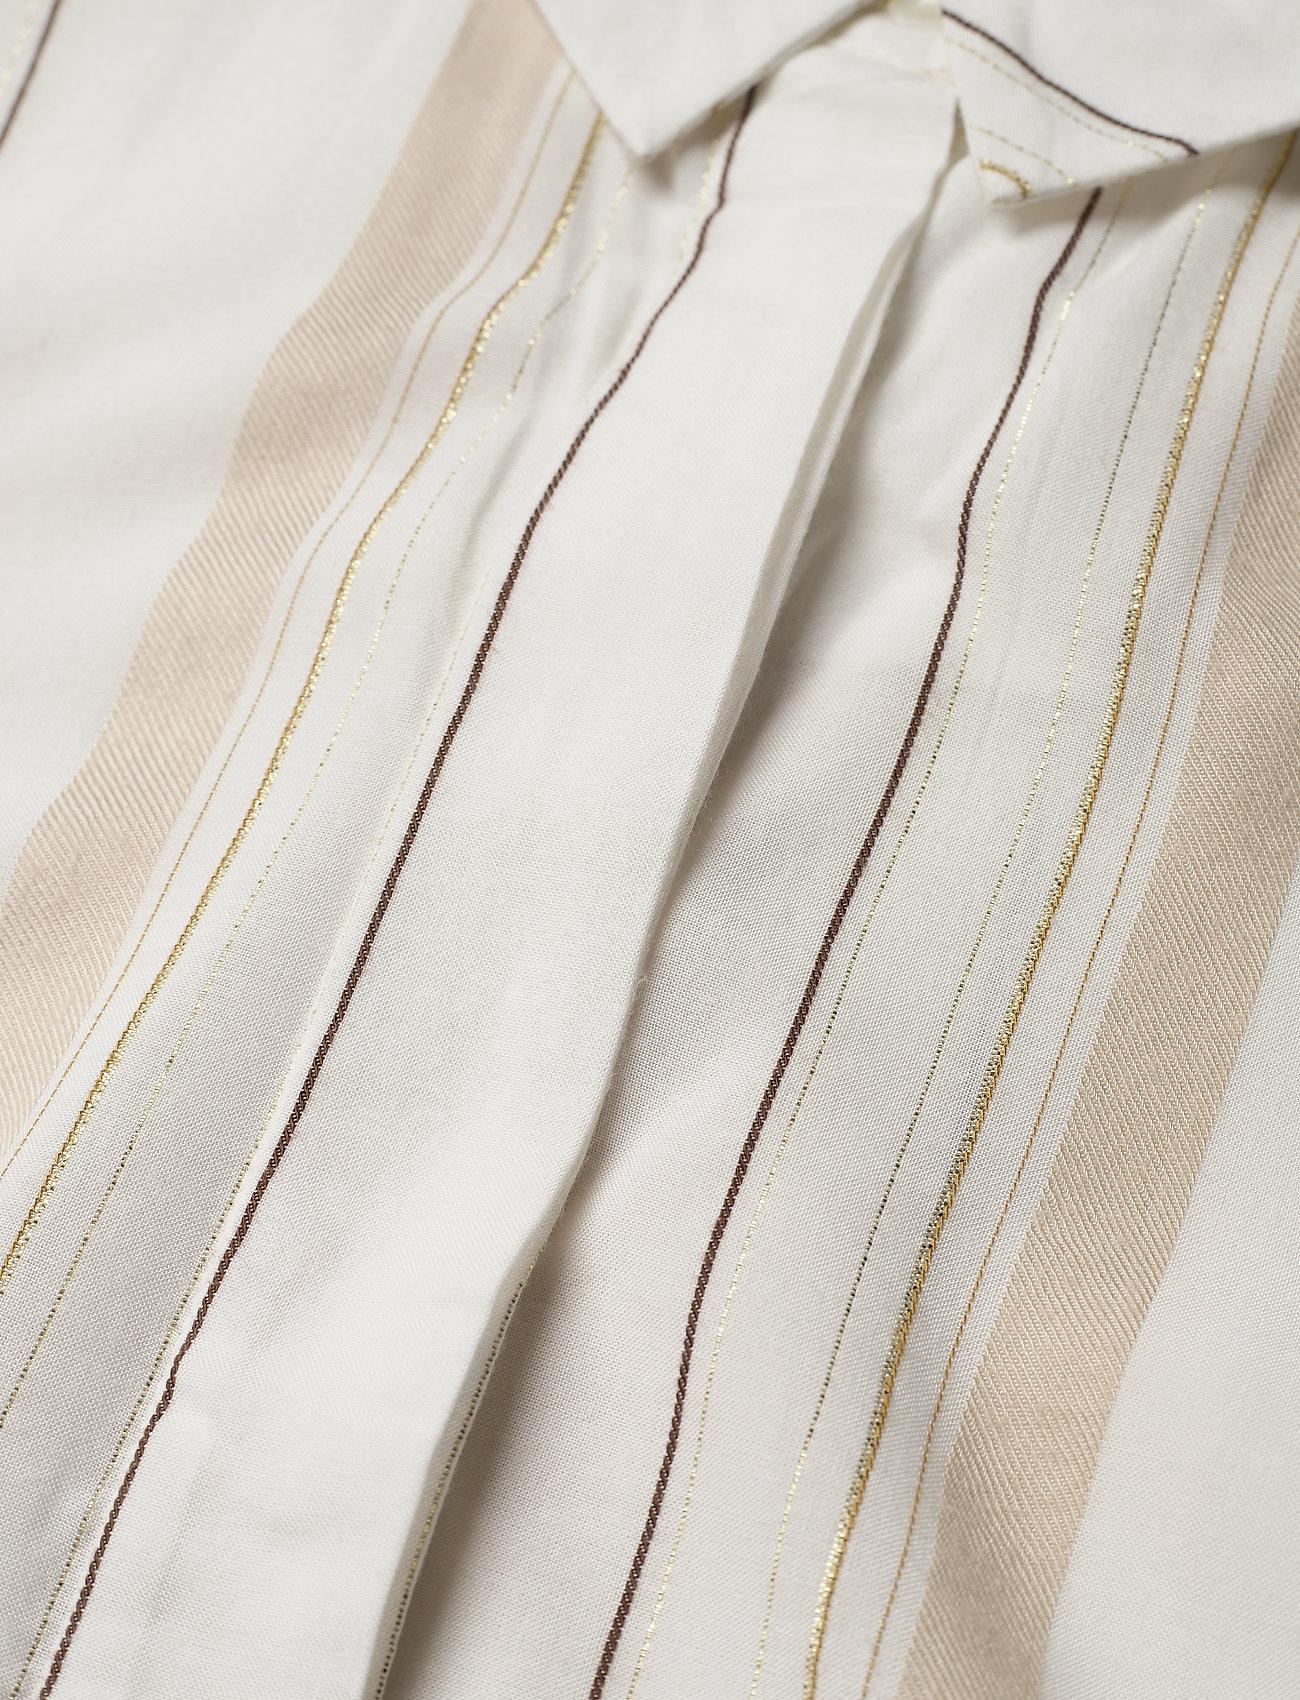 Ilse Jacobsen DRESS - Sukienki KIT - Kobiety Odzież.